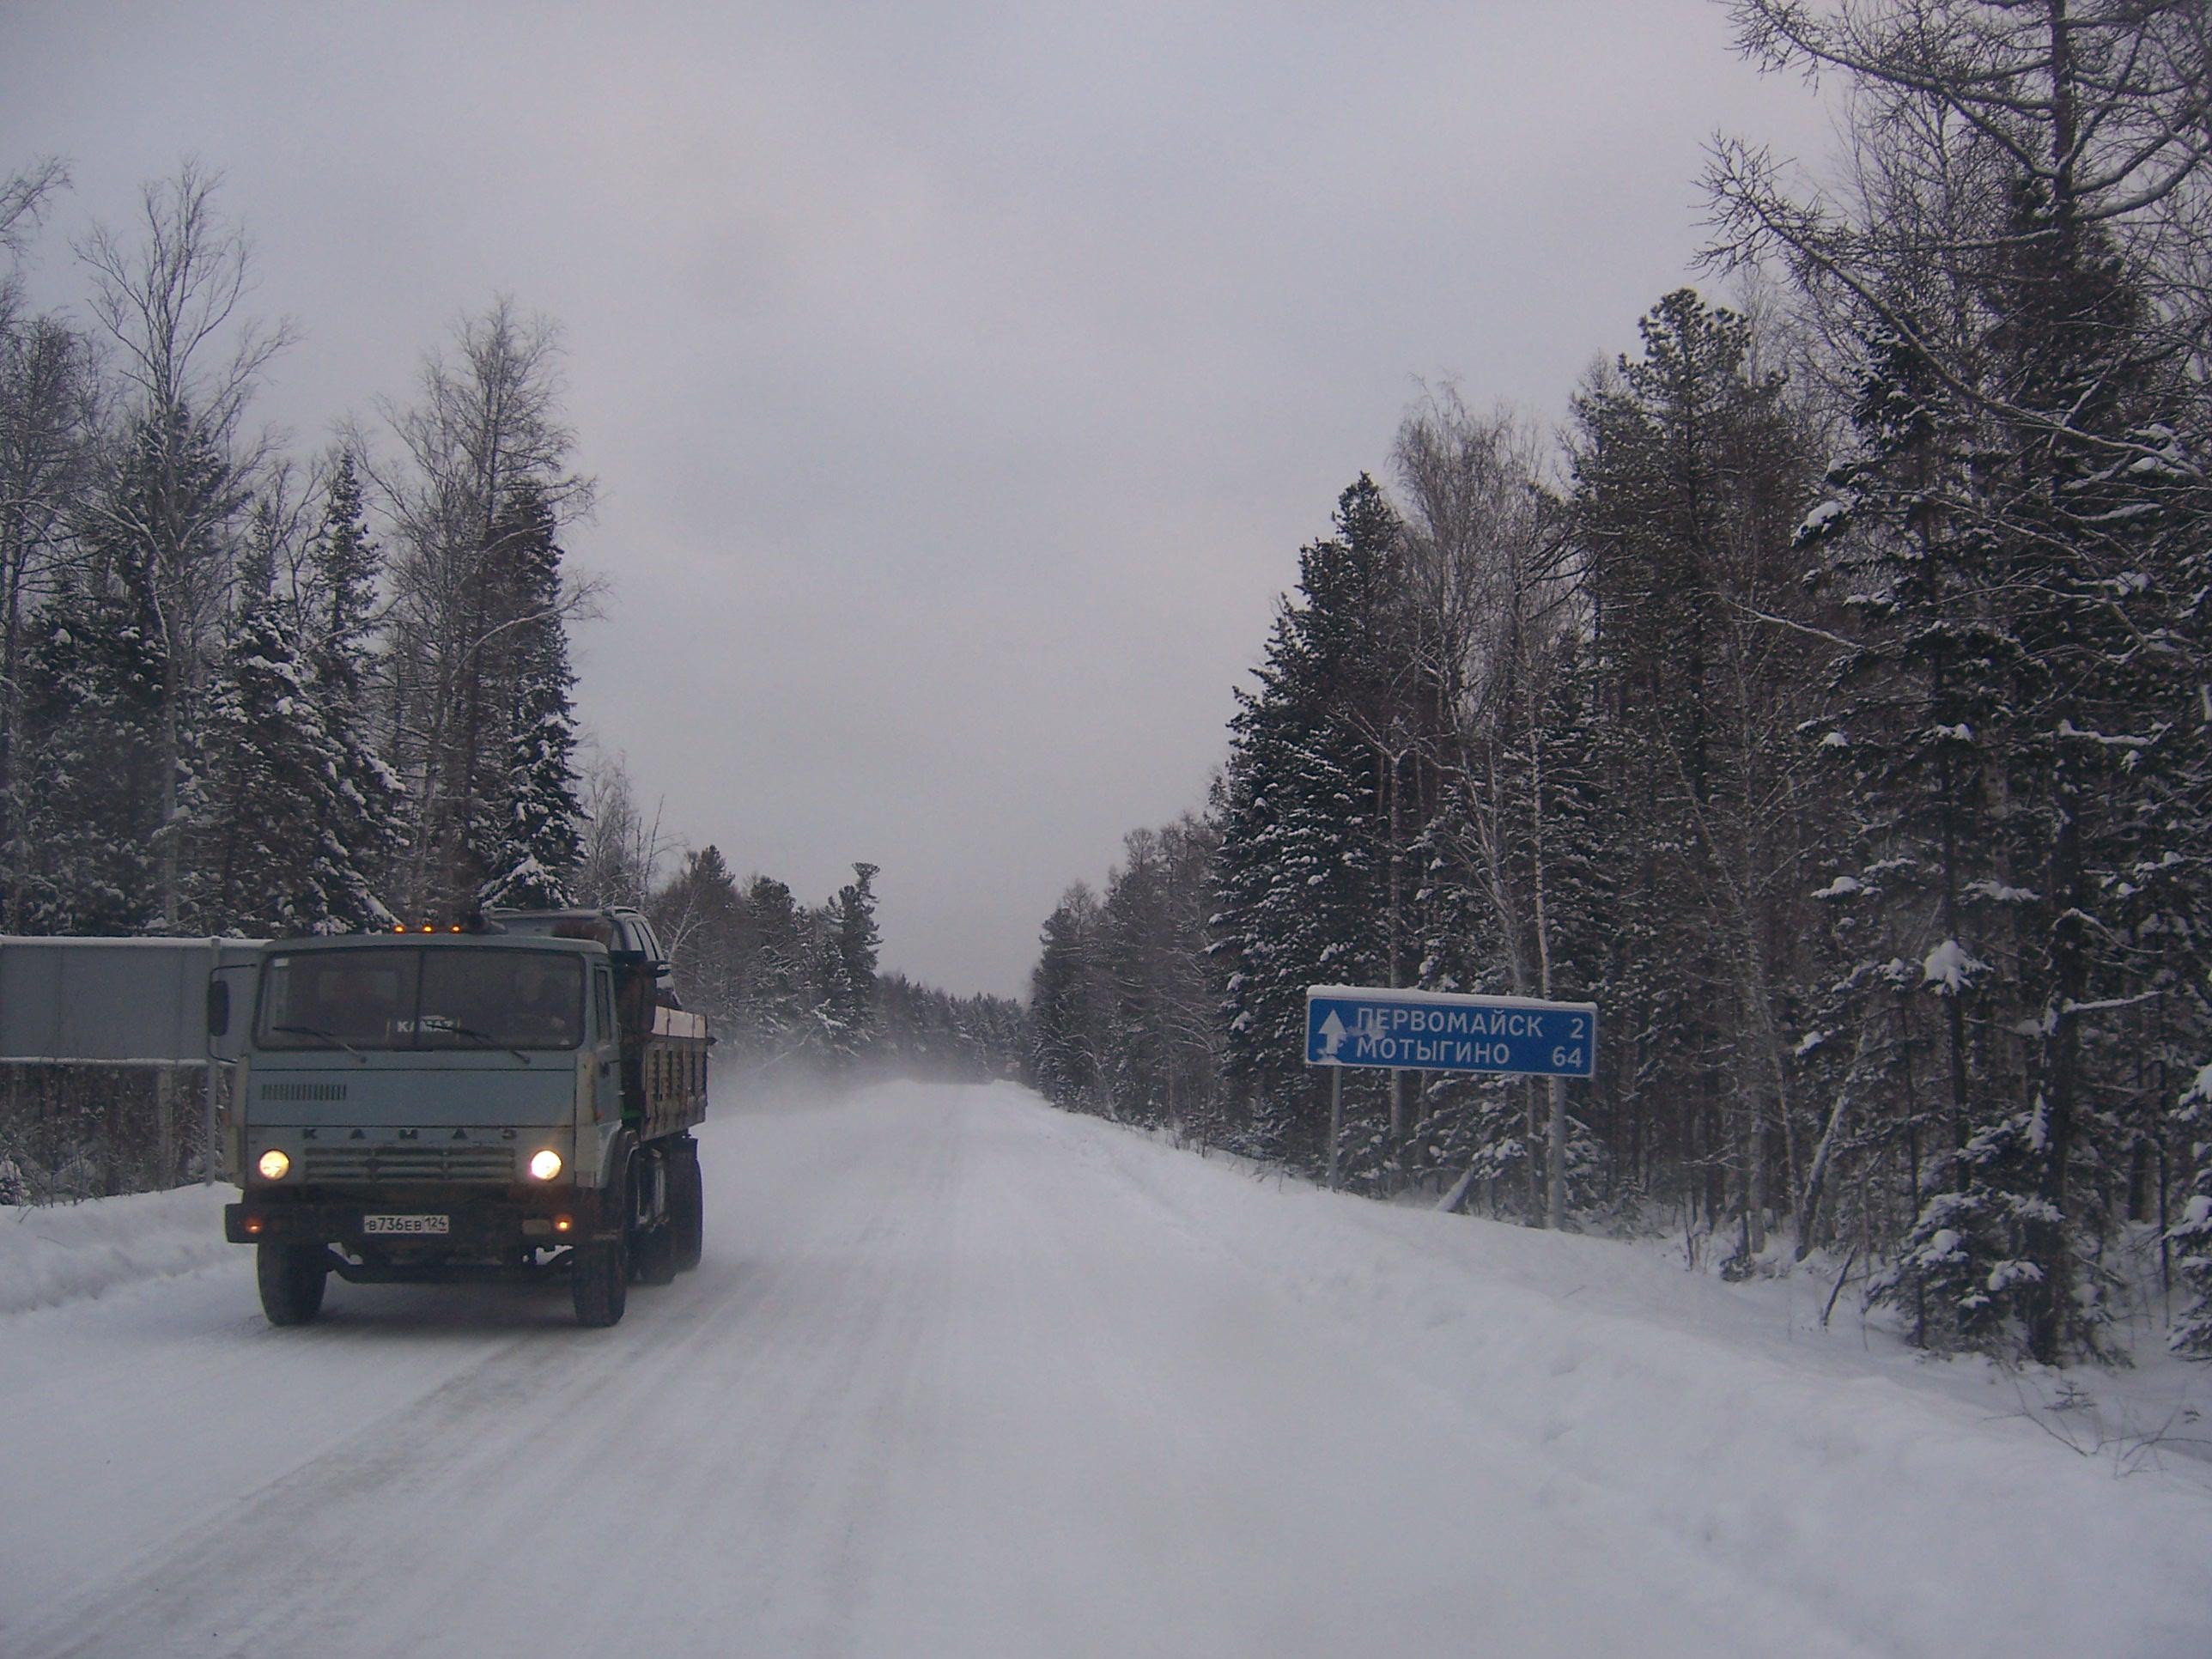 Направобережье Красноярска отыскали фрагменты тела пропавшего жителя Хабаровска